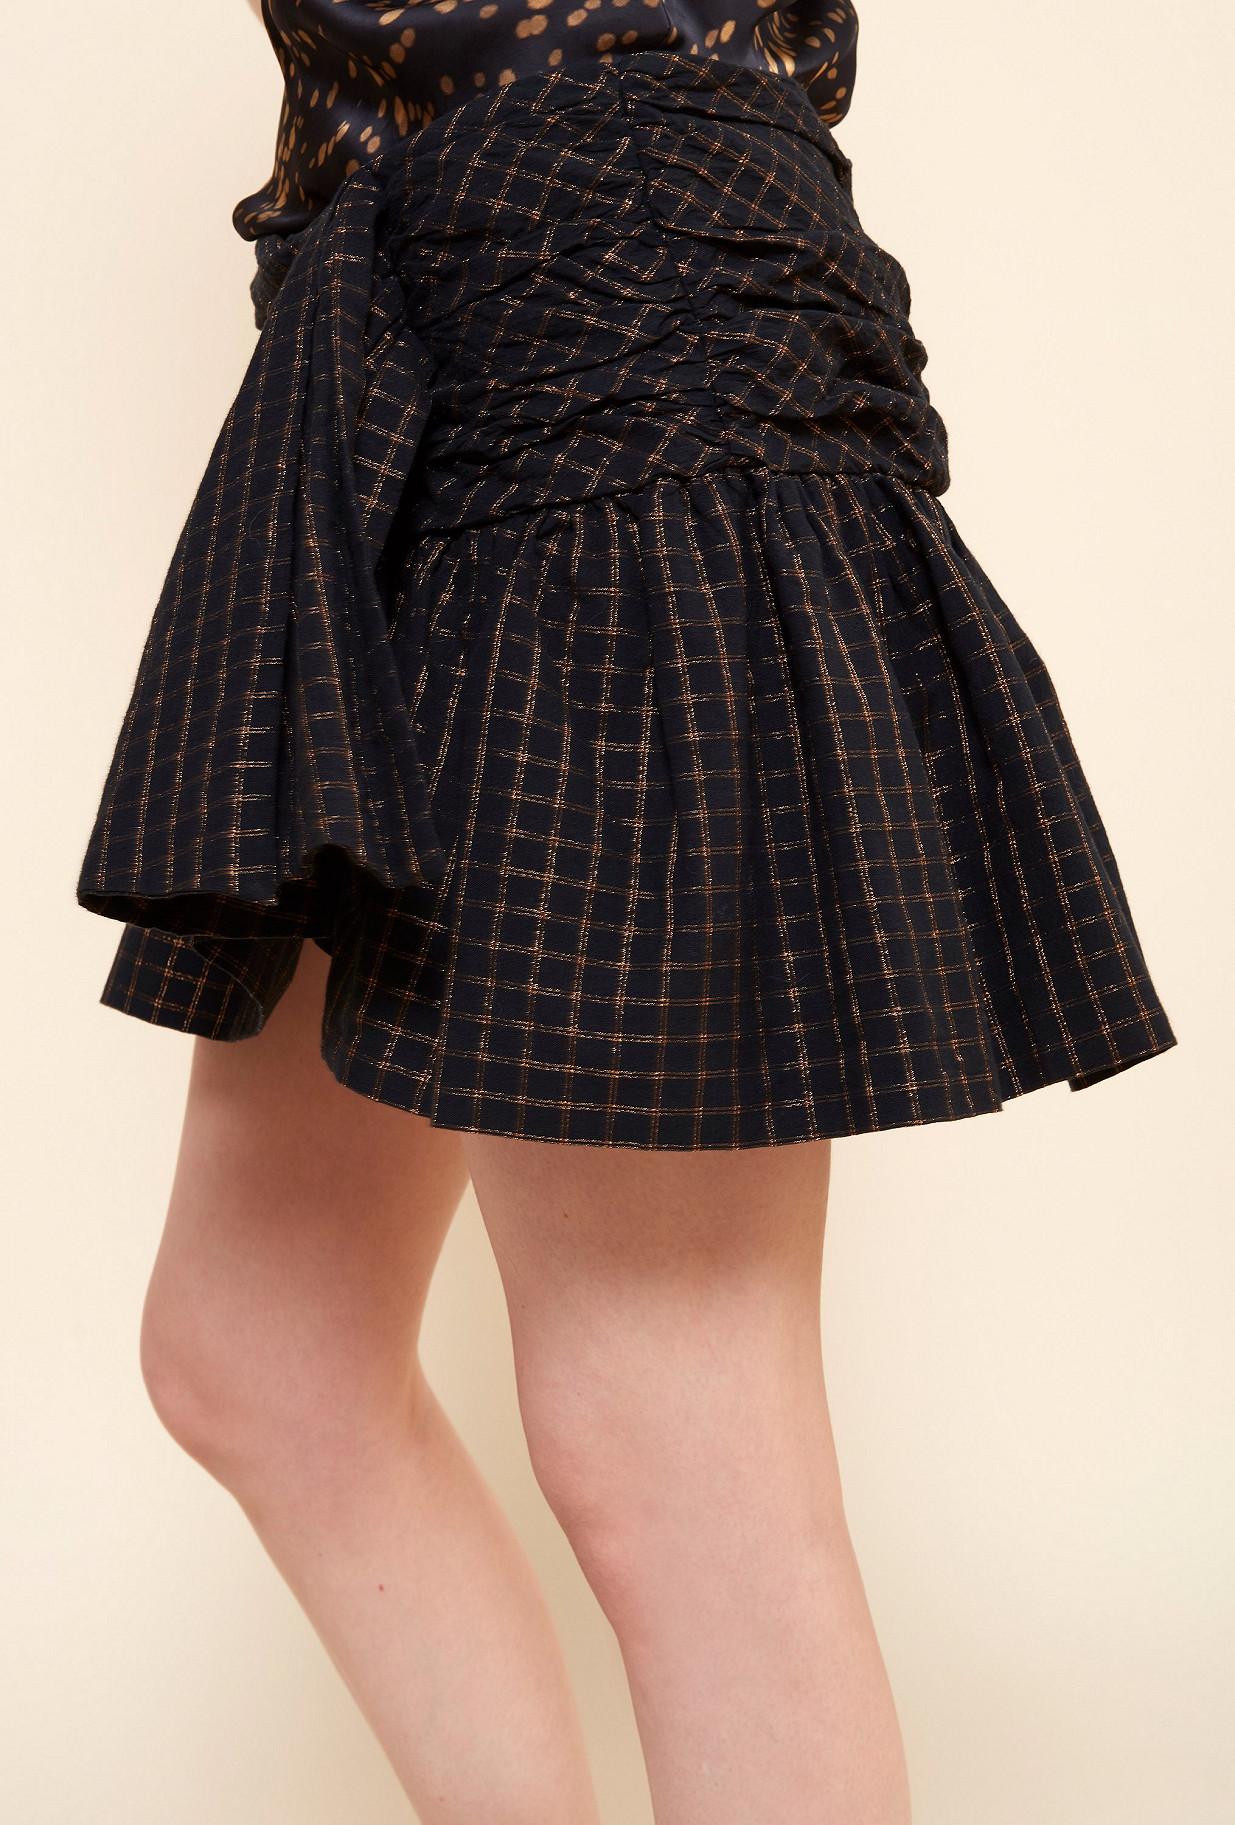 Paris boutique de mode vêtement Jupe créateur bohème  Sylvia